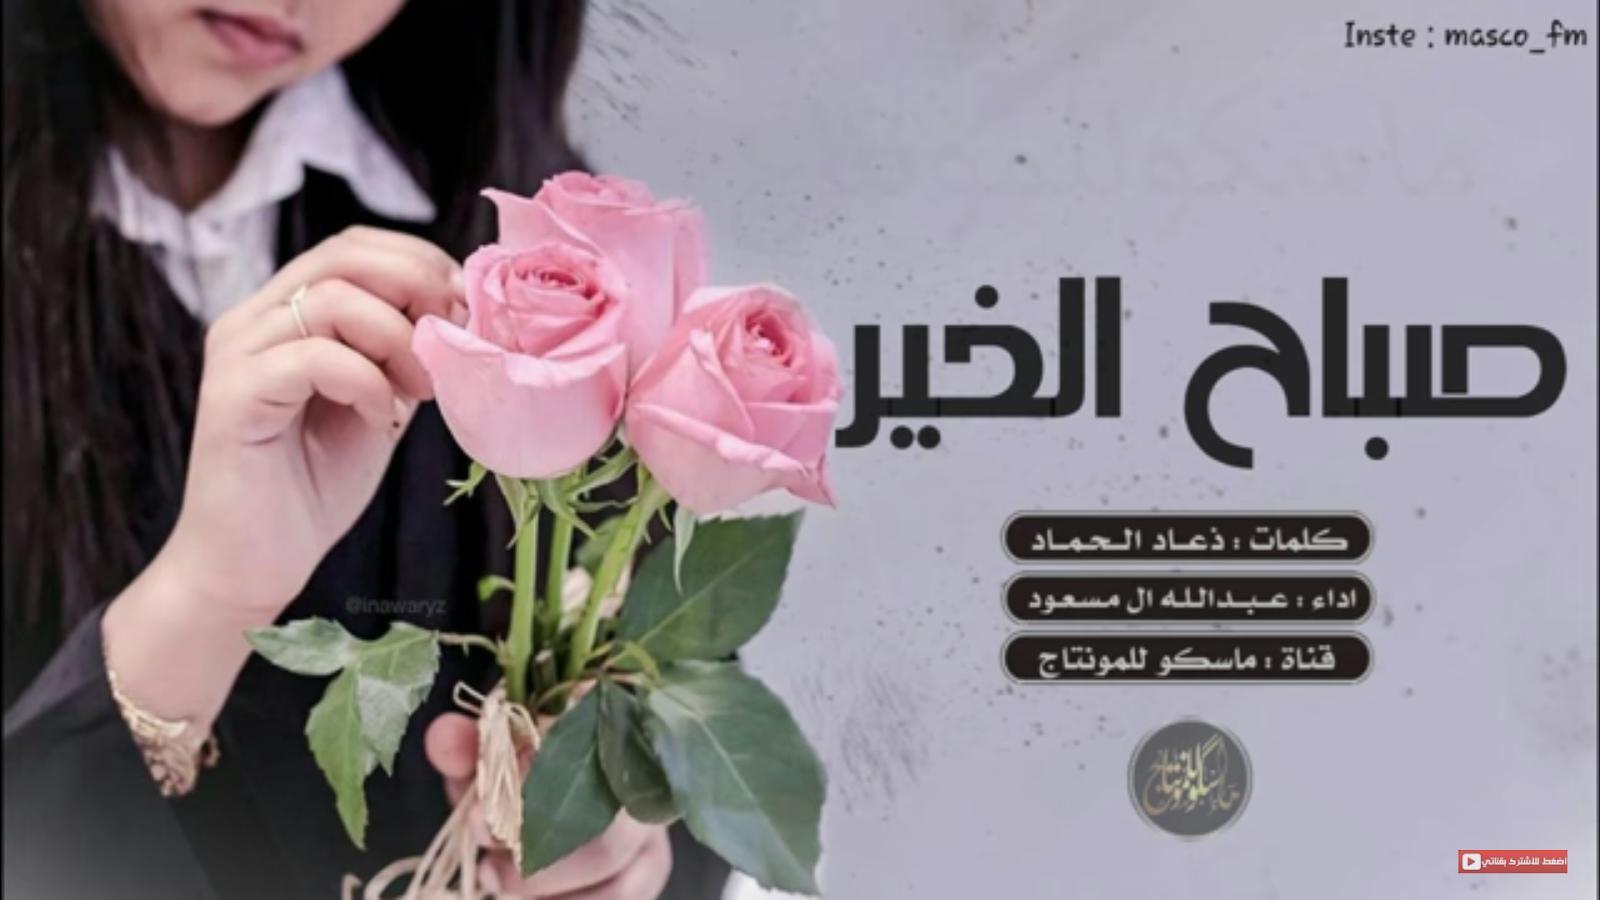 شيله صباح الخير اداء عبدالله ال مسعود Mp3 Mp4